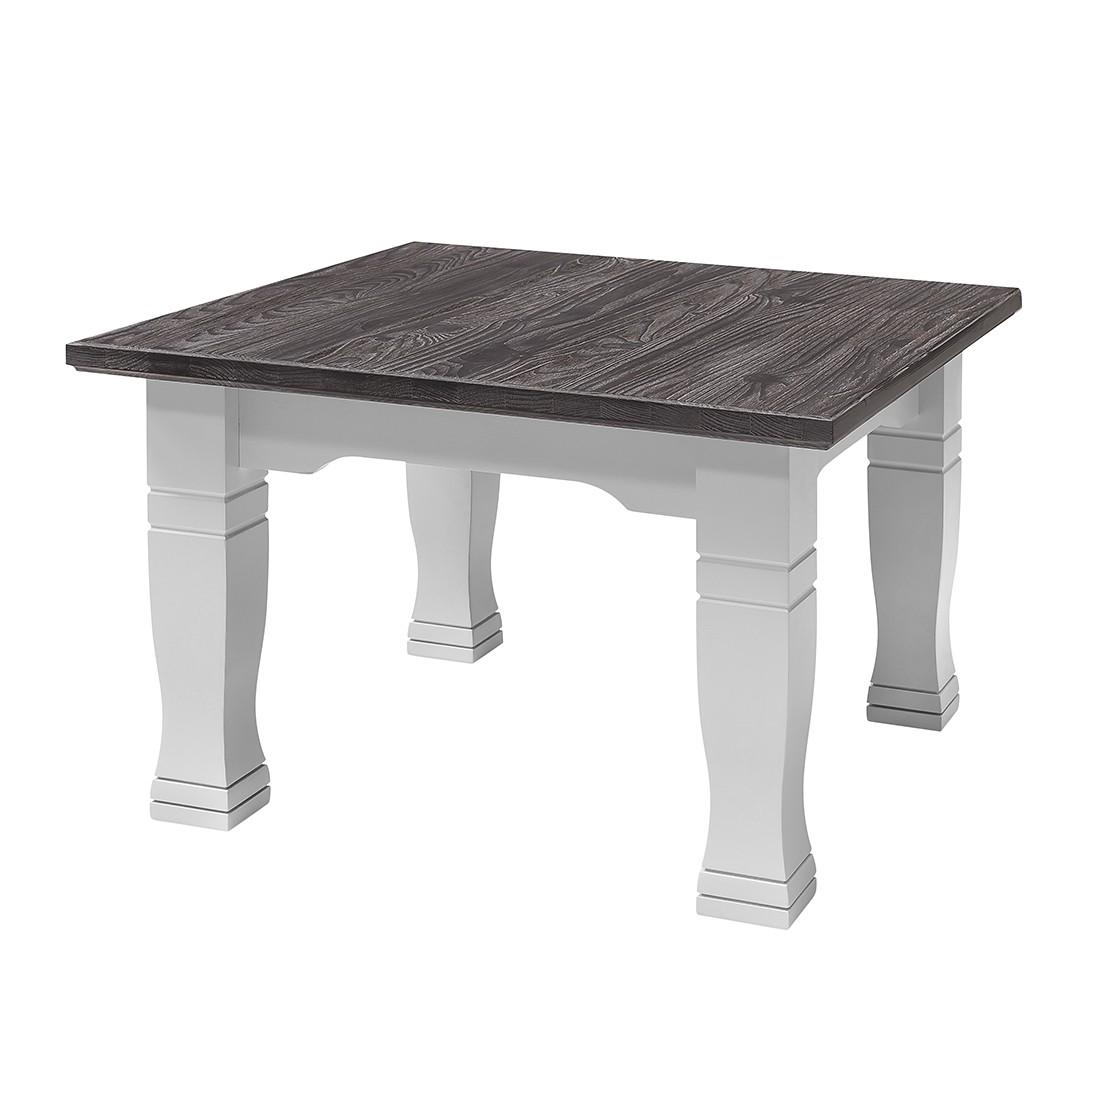 Tavolino da salotto Basilico II - Parzialmente in legno massello di abete rosso Bianco/Grigio brunastro, Maison Belfort